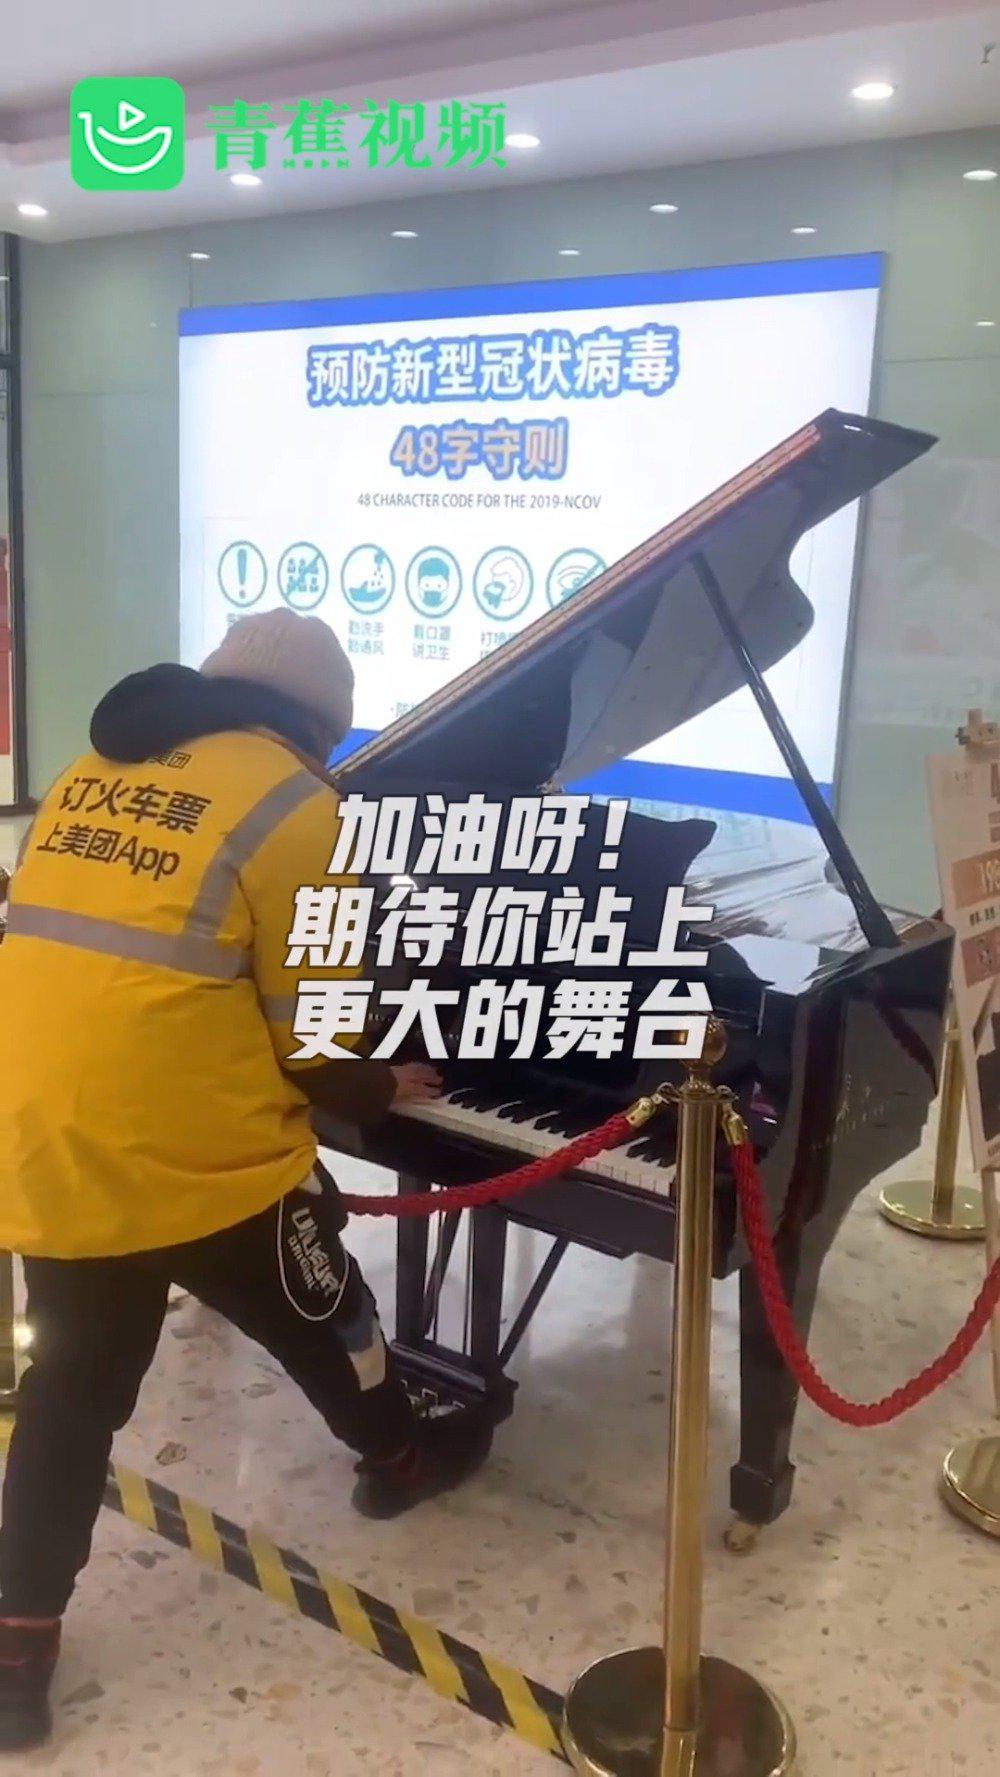 外卖小哥工作间隙即兴弹钢琴